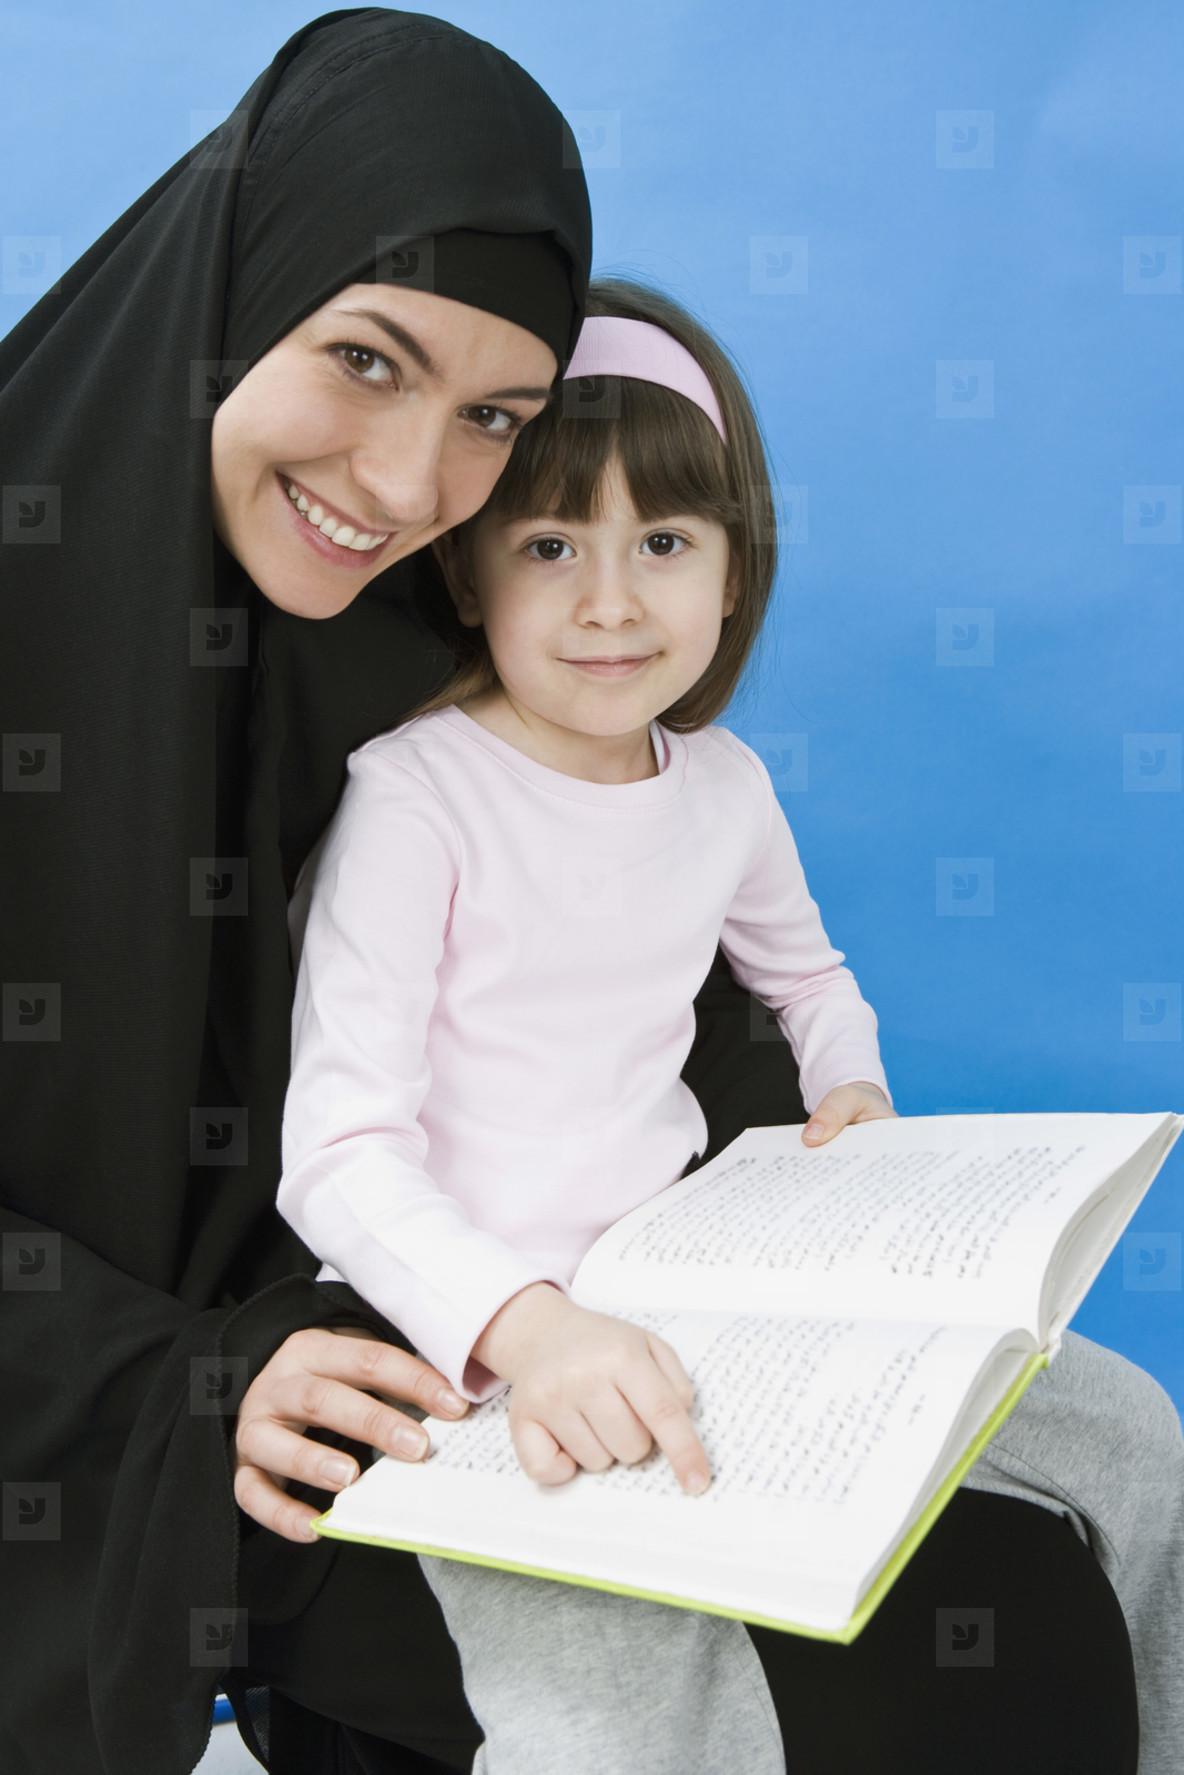 Muslim Women  22